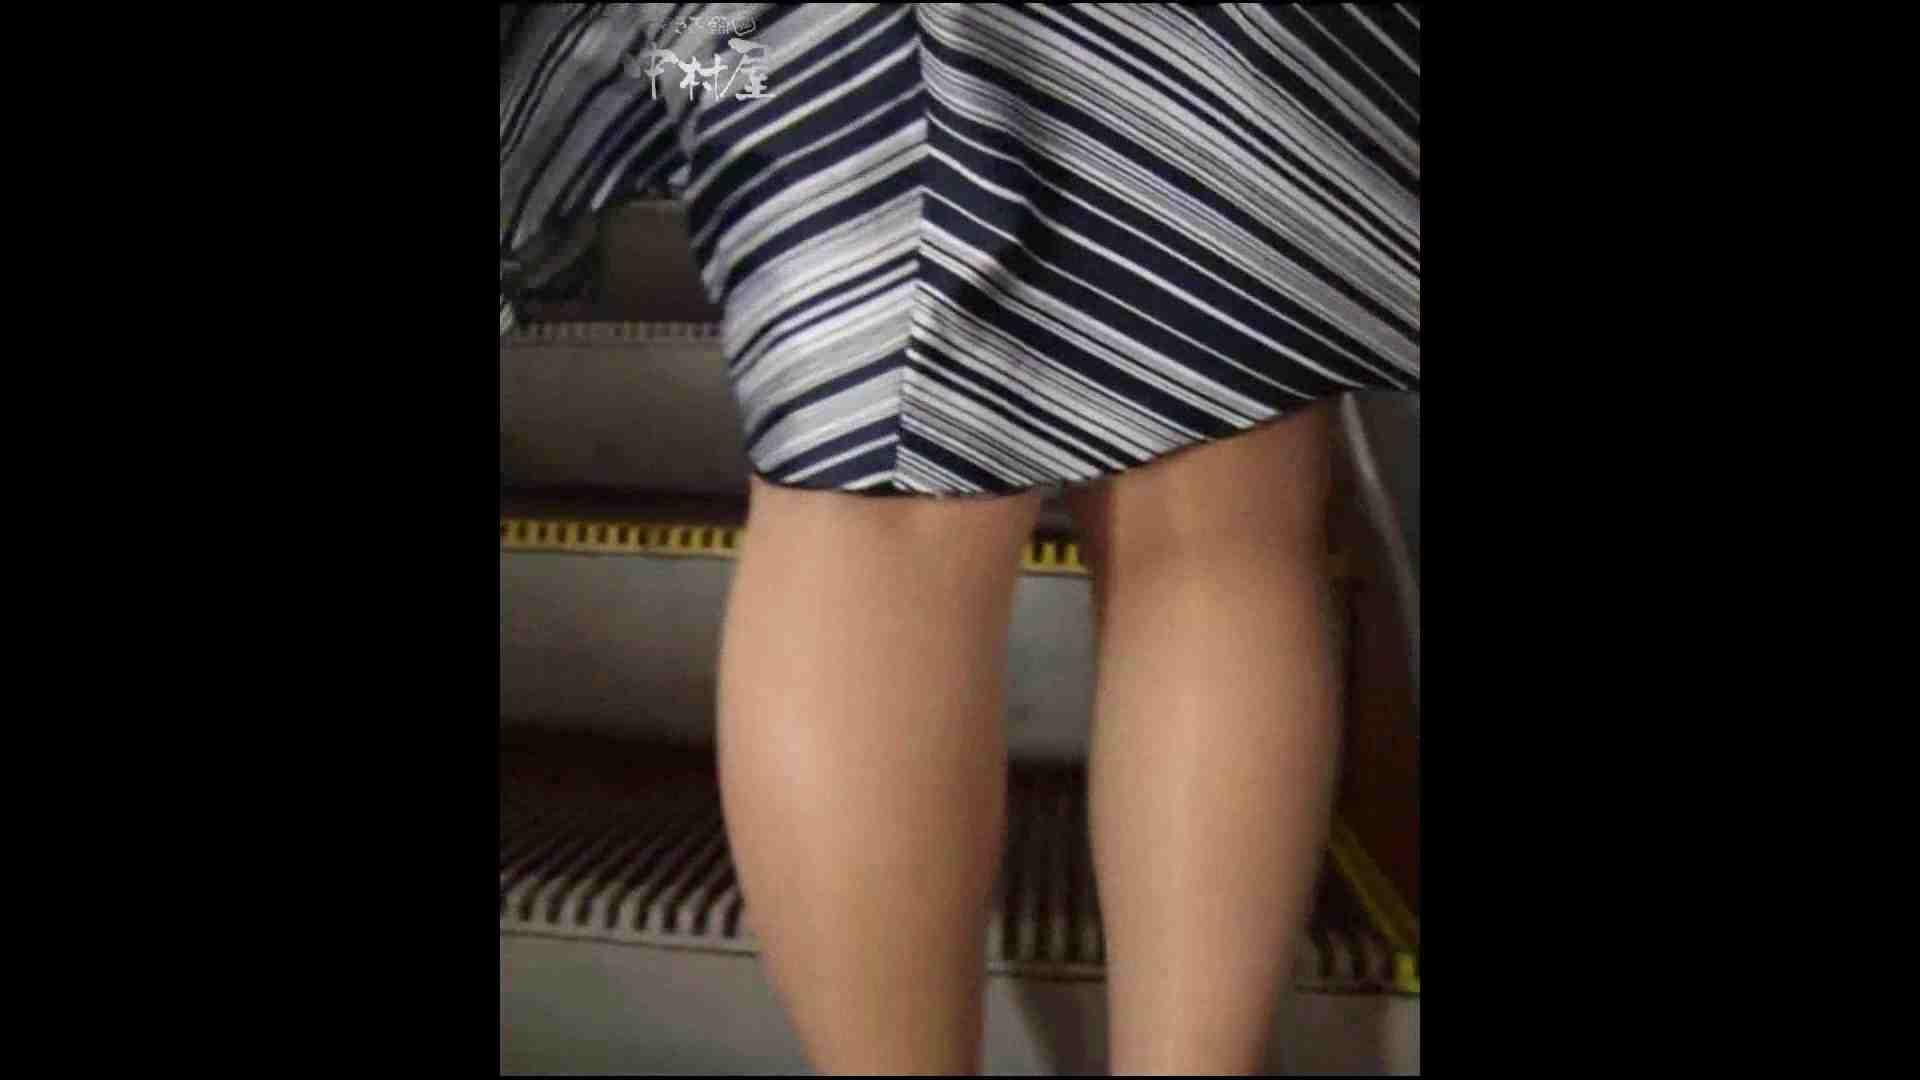 綺麗なモデルさんのスカート捲っちゃおう‼ vol21 お姉さんヌード | OLセックス  100画像 89